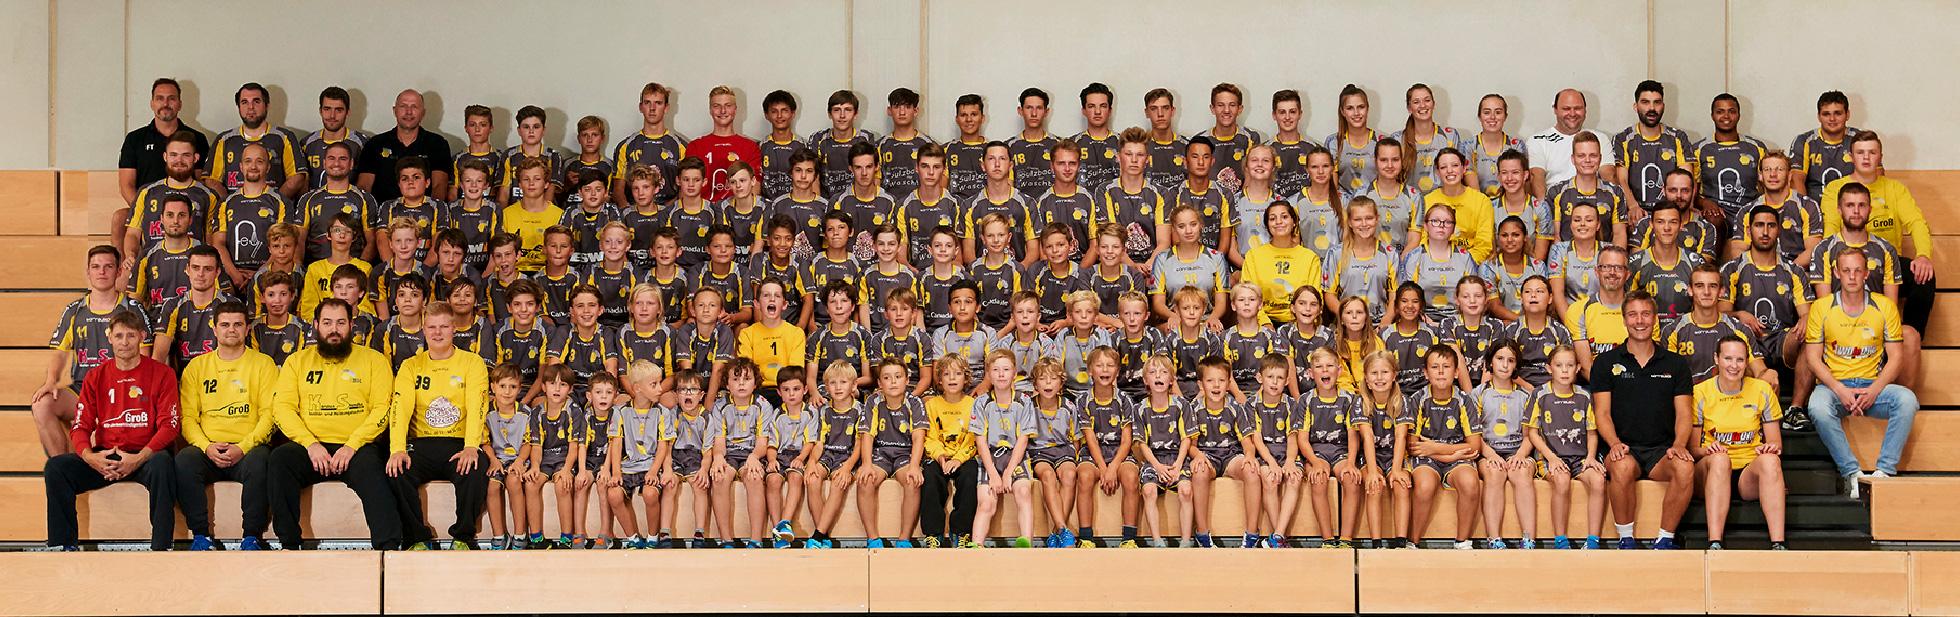 HSG-BIK-2018_Handball-Jugend-Aktiv